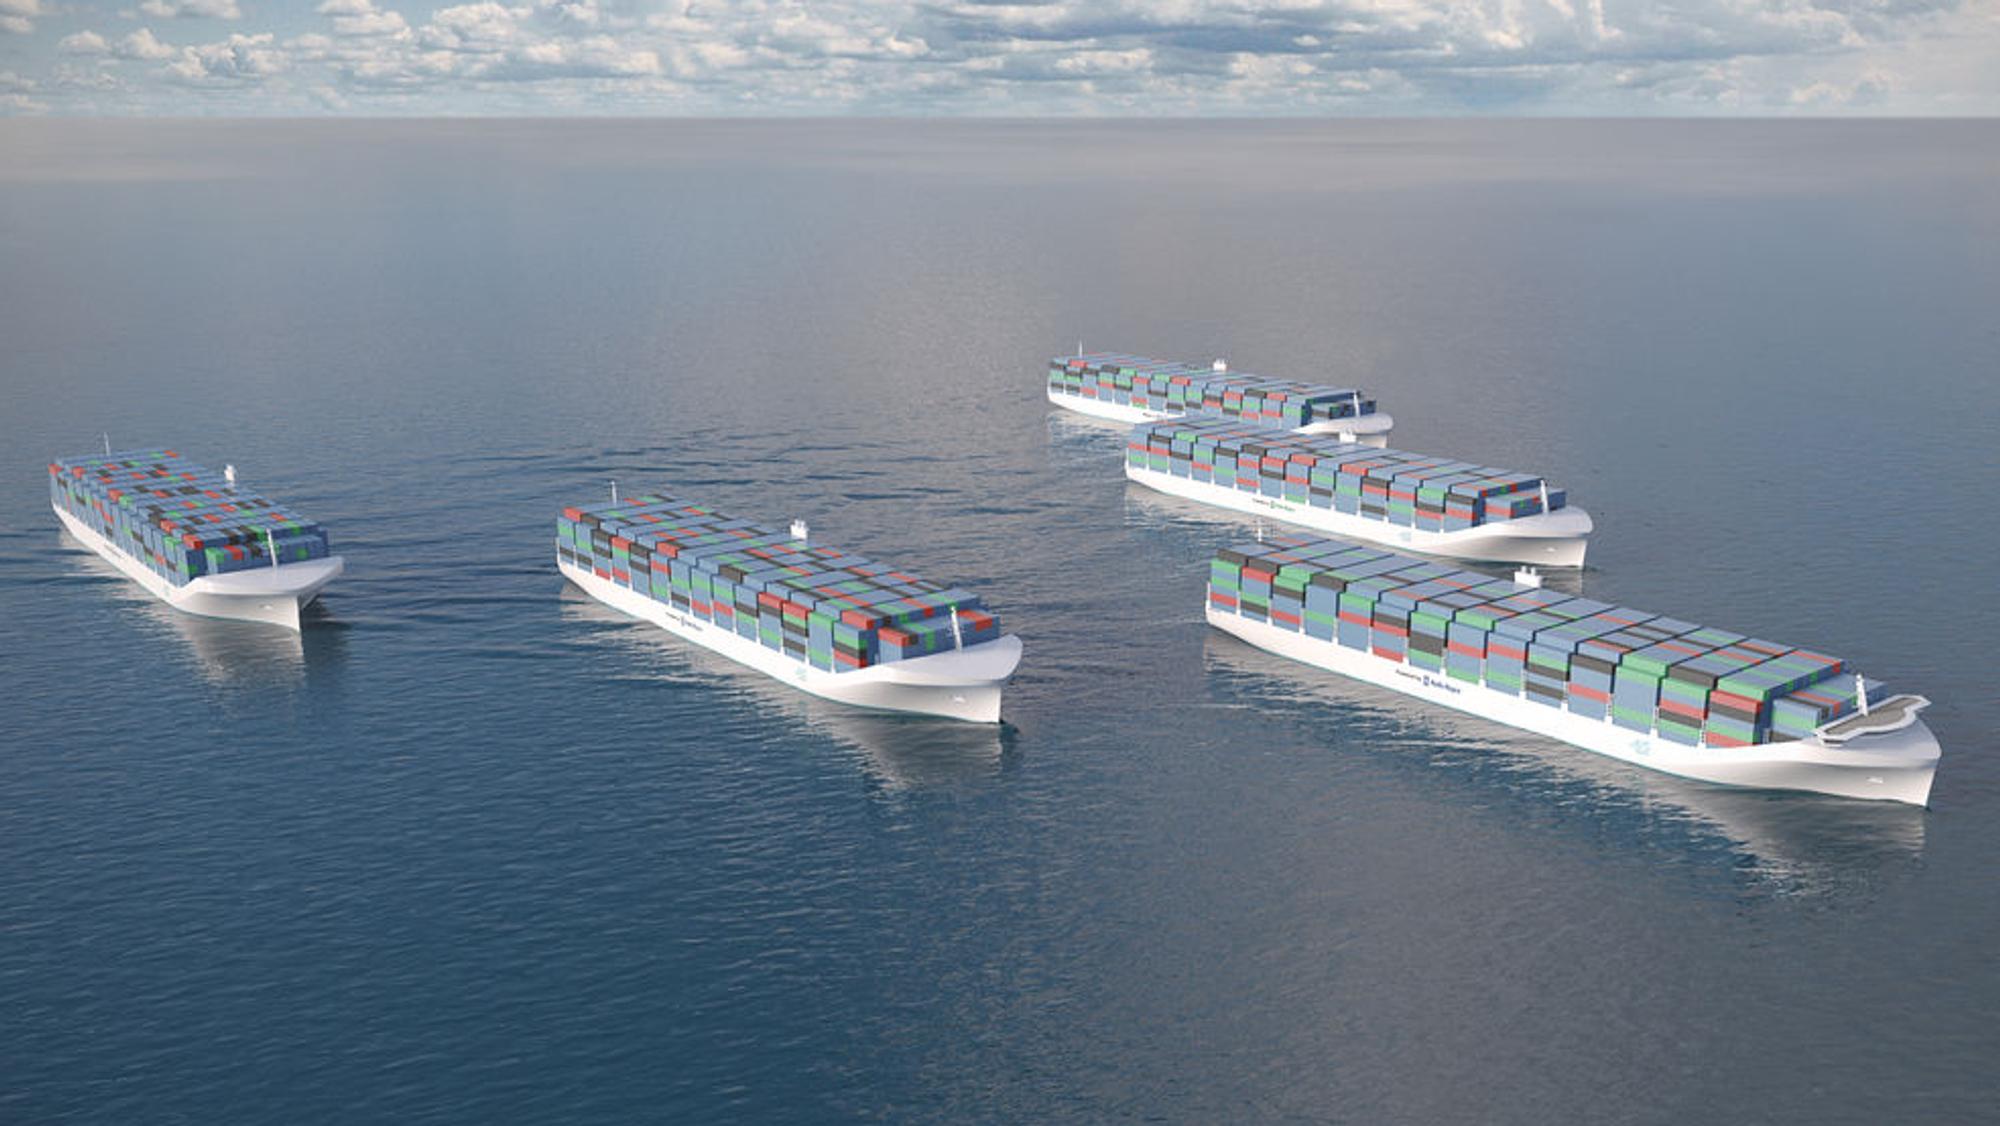 Rolls-Royce Marine (nå Kongsberg Maritime) legger vekt på faren for pirat- og terrorangrep i en av sine nye patenter for cybersikkerhet på førerløse skip.